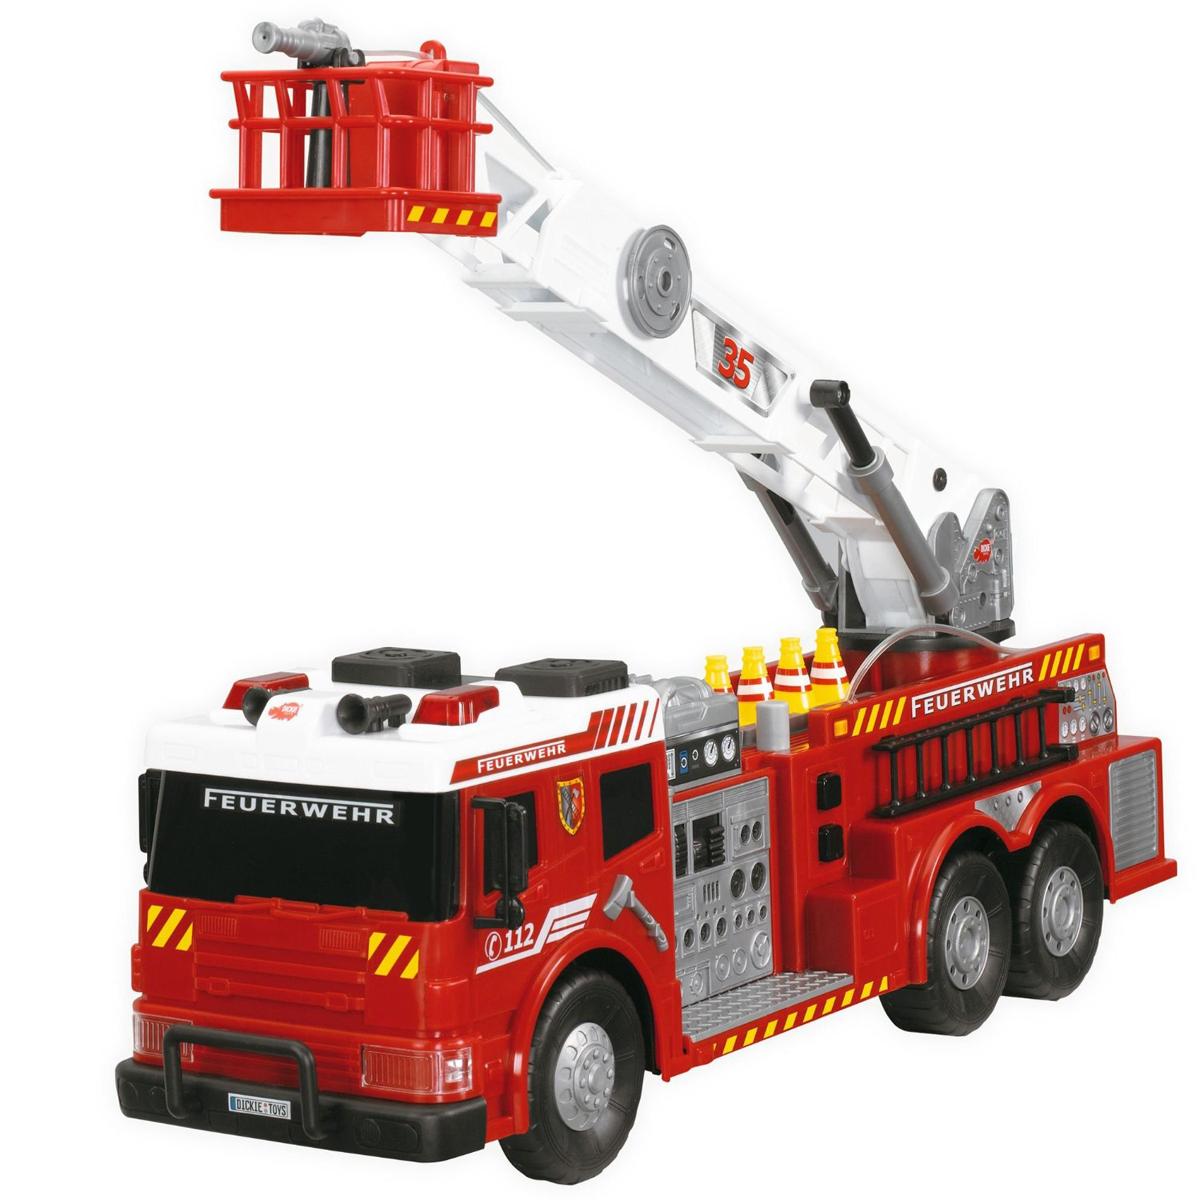 Dickie пожарная машина на пульте, свет + звукПожарная техника, машины<br>Dickie пожарная машина на пульте, свет + звук<br>